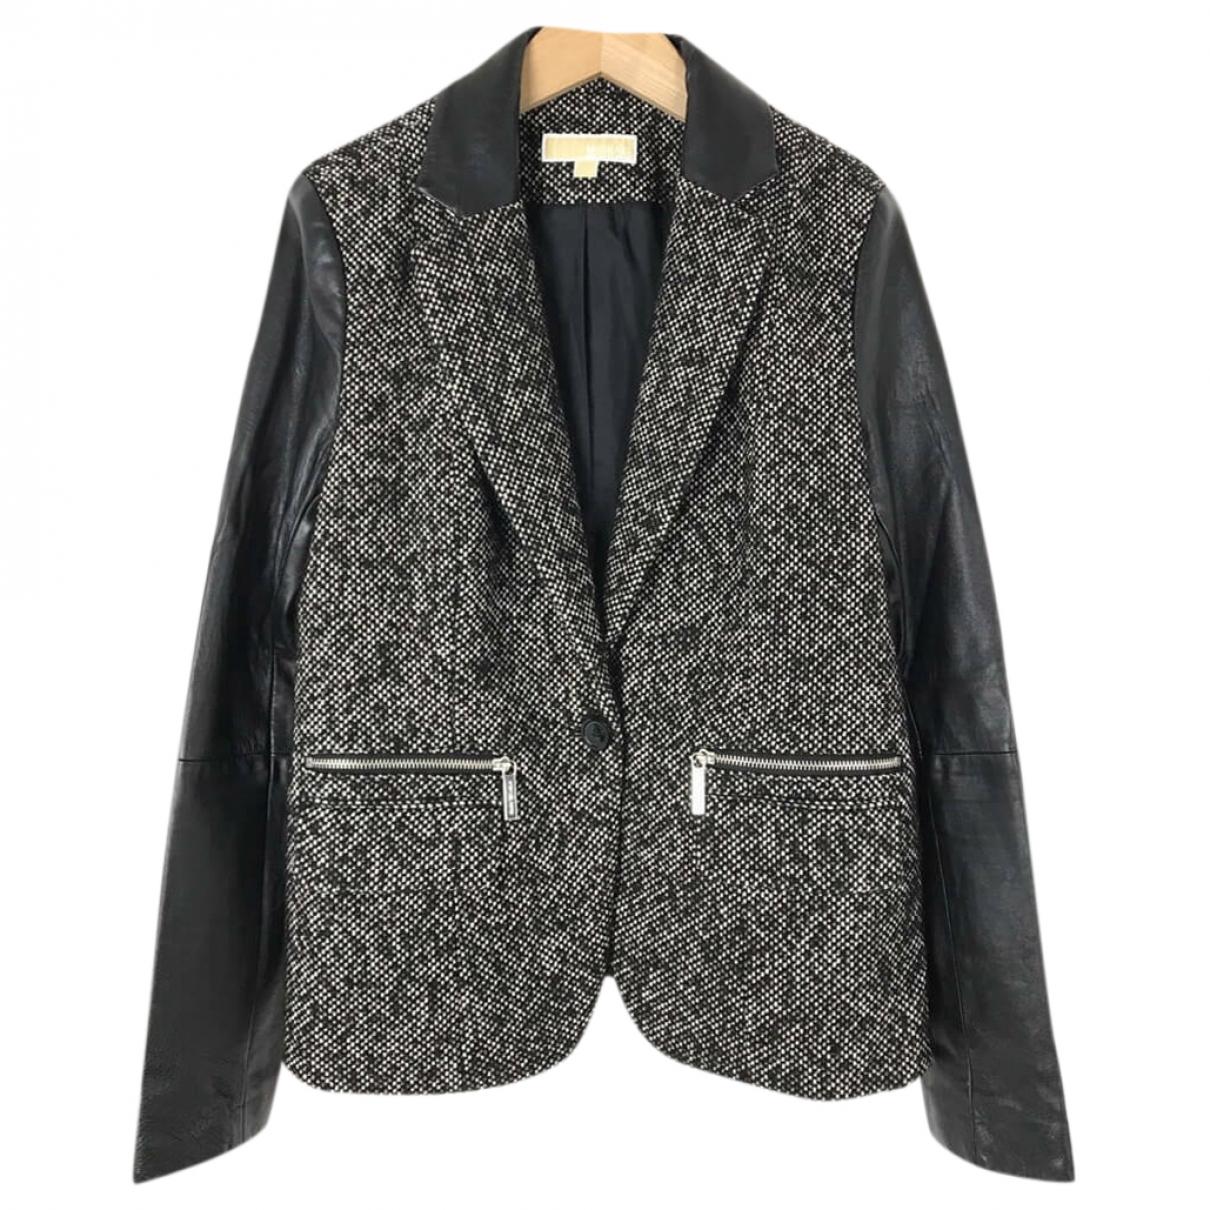 Michael Kors \N Jacke in  Grau Tweed